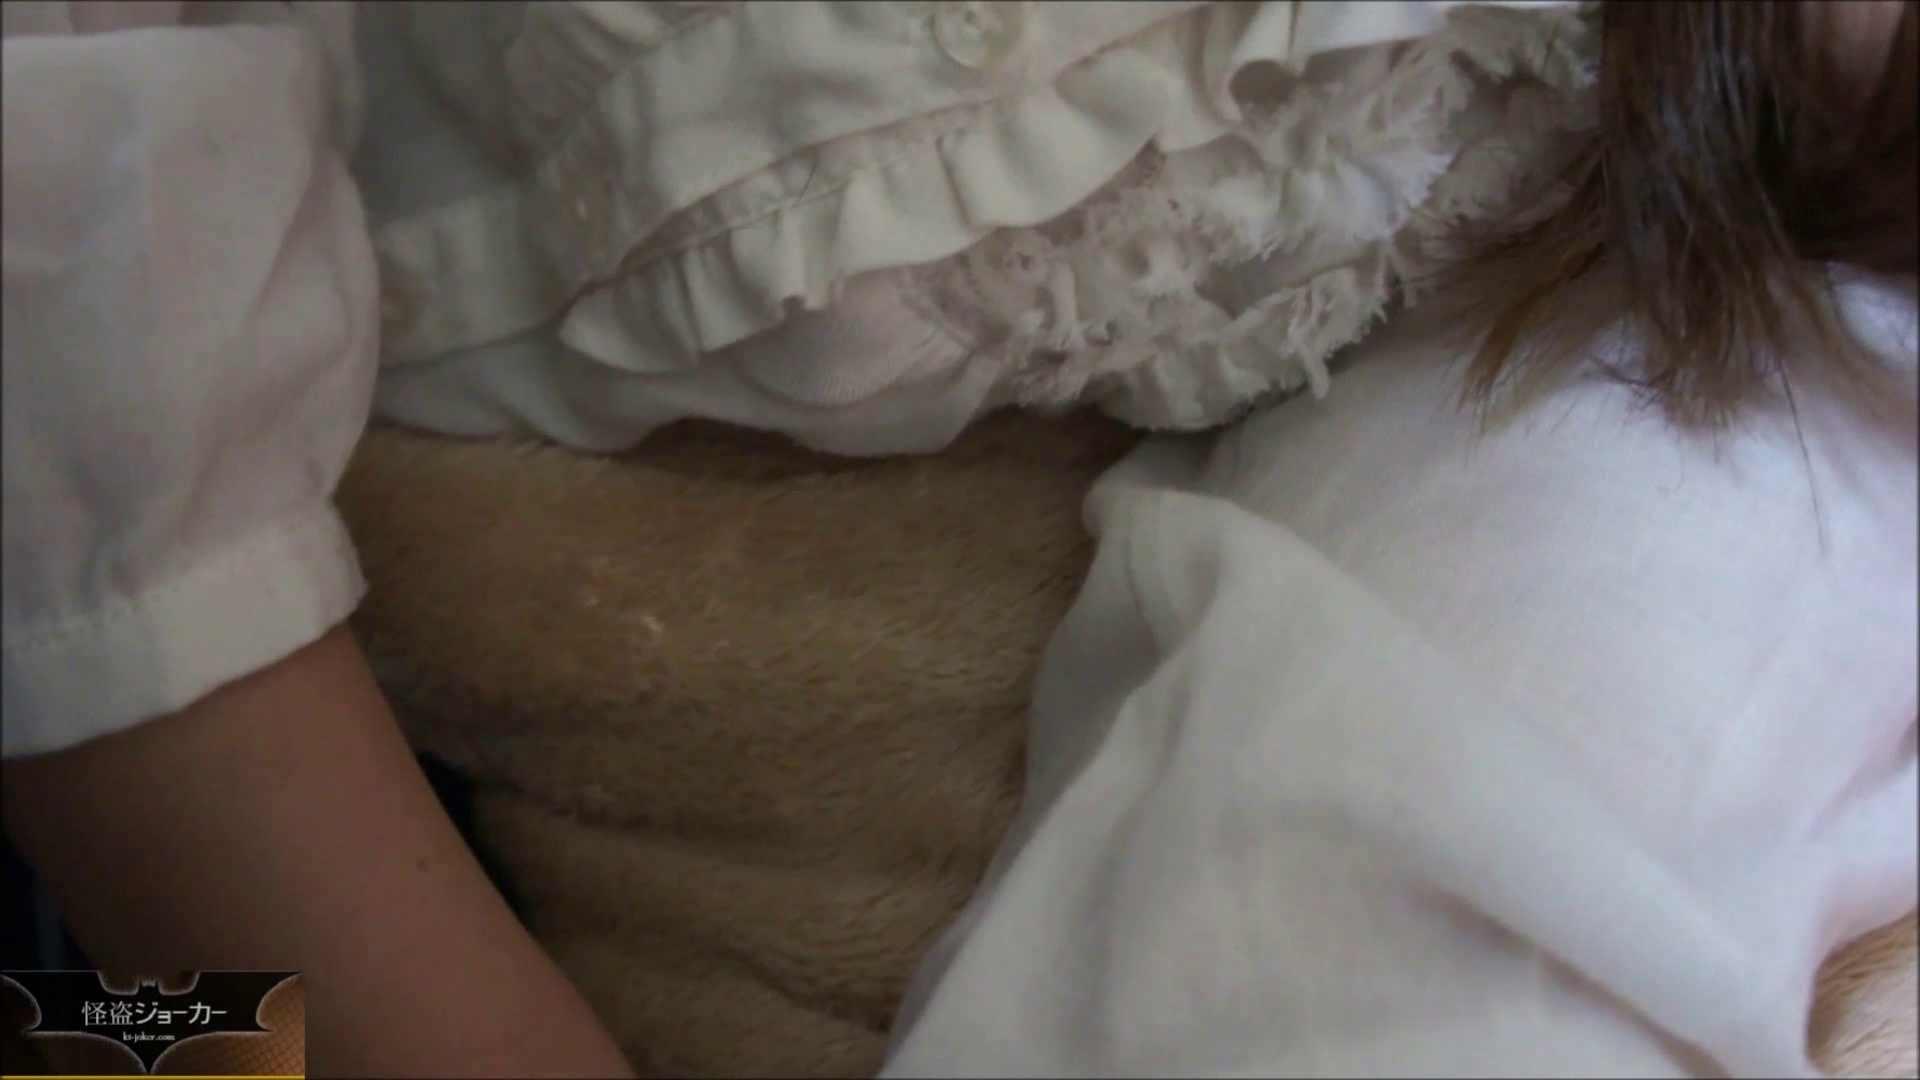 【未公開】vol.23 ユリナ、寝取られのアト。 友人  75pic 28